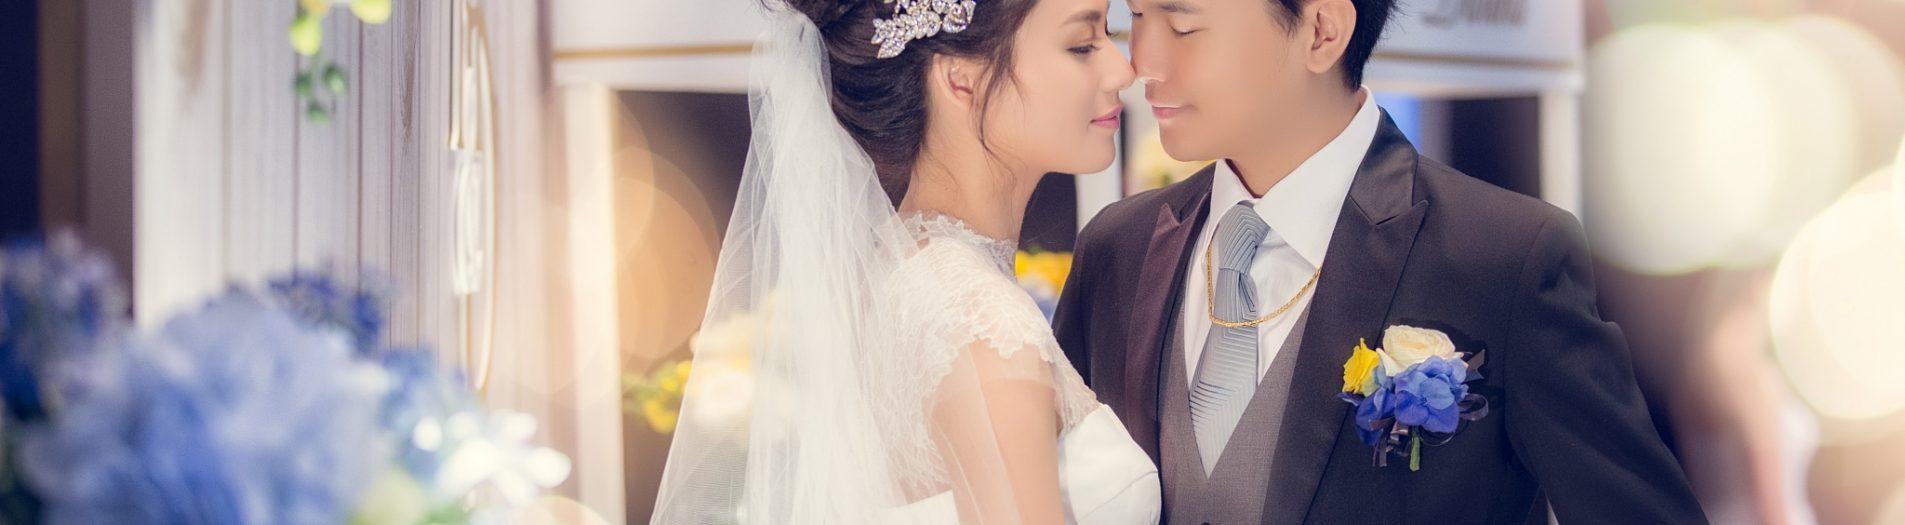 台北婚攝|婚禮紀錄  碩方+嘉妮  寒舍樂樂軒